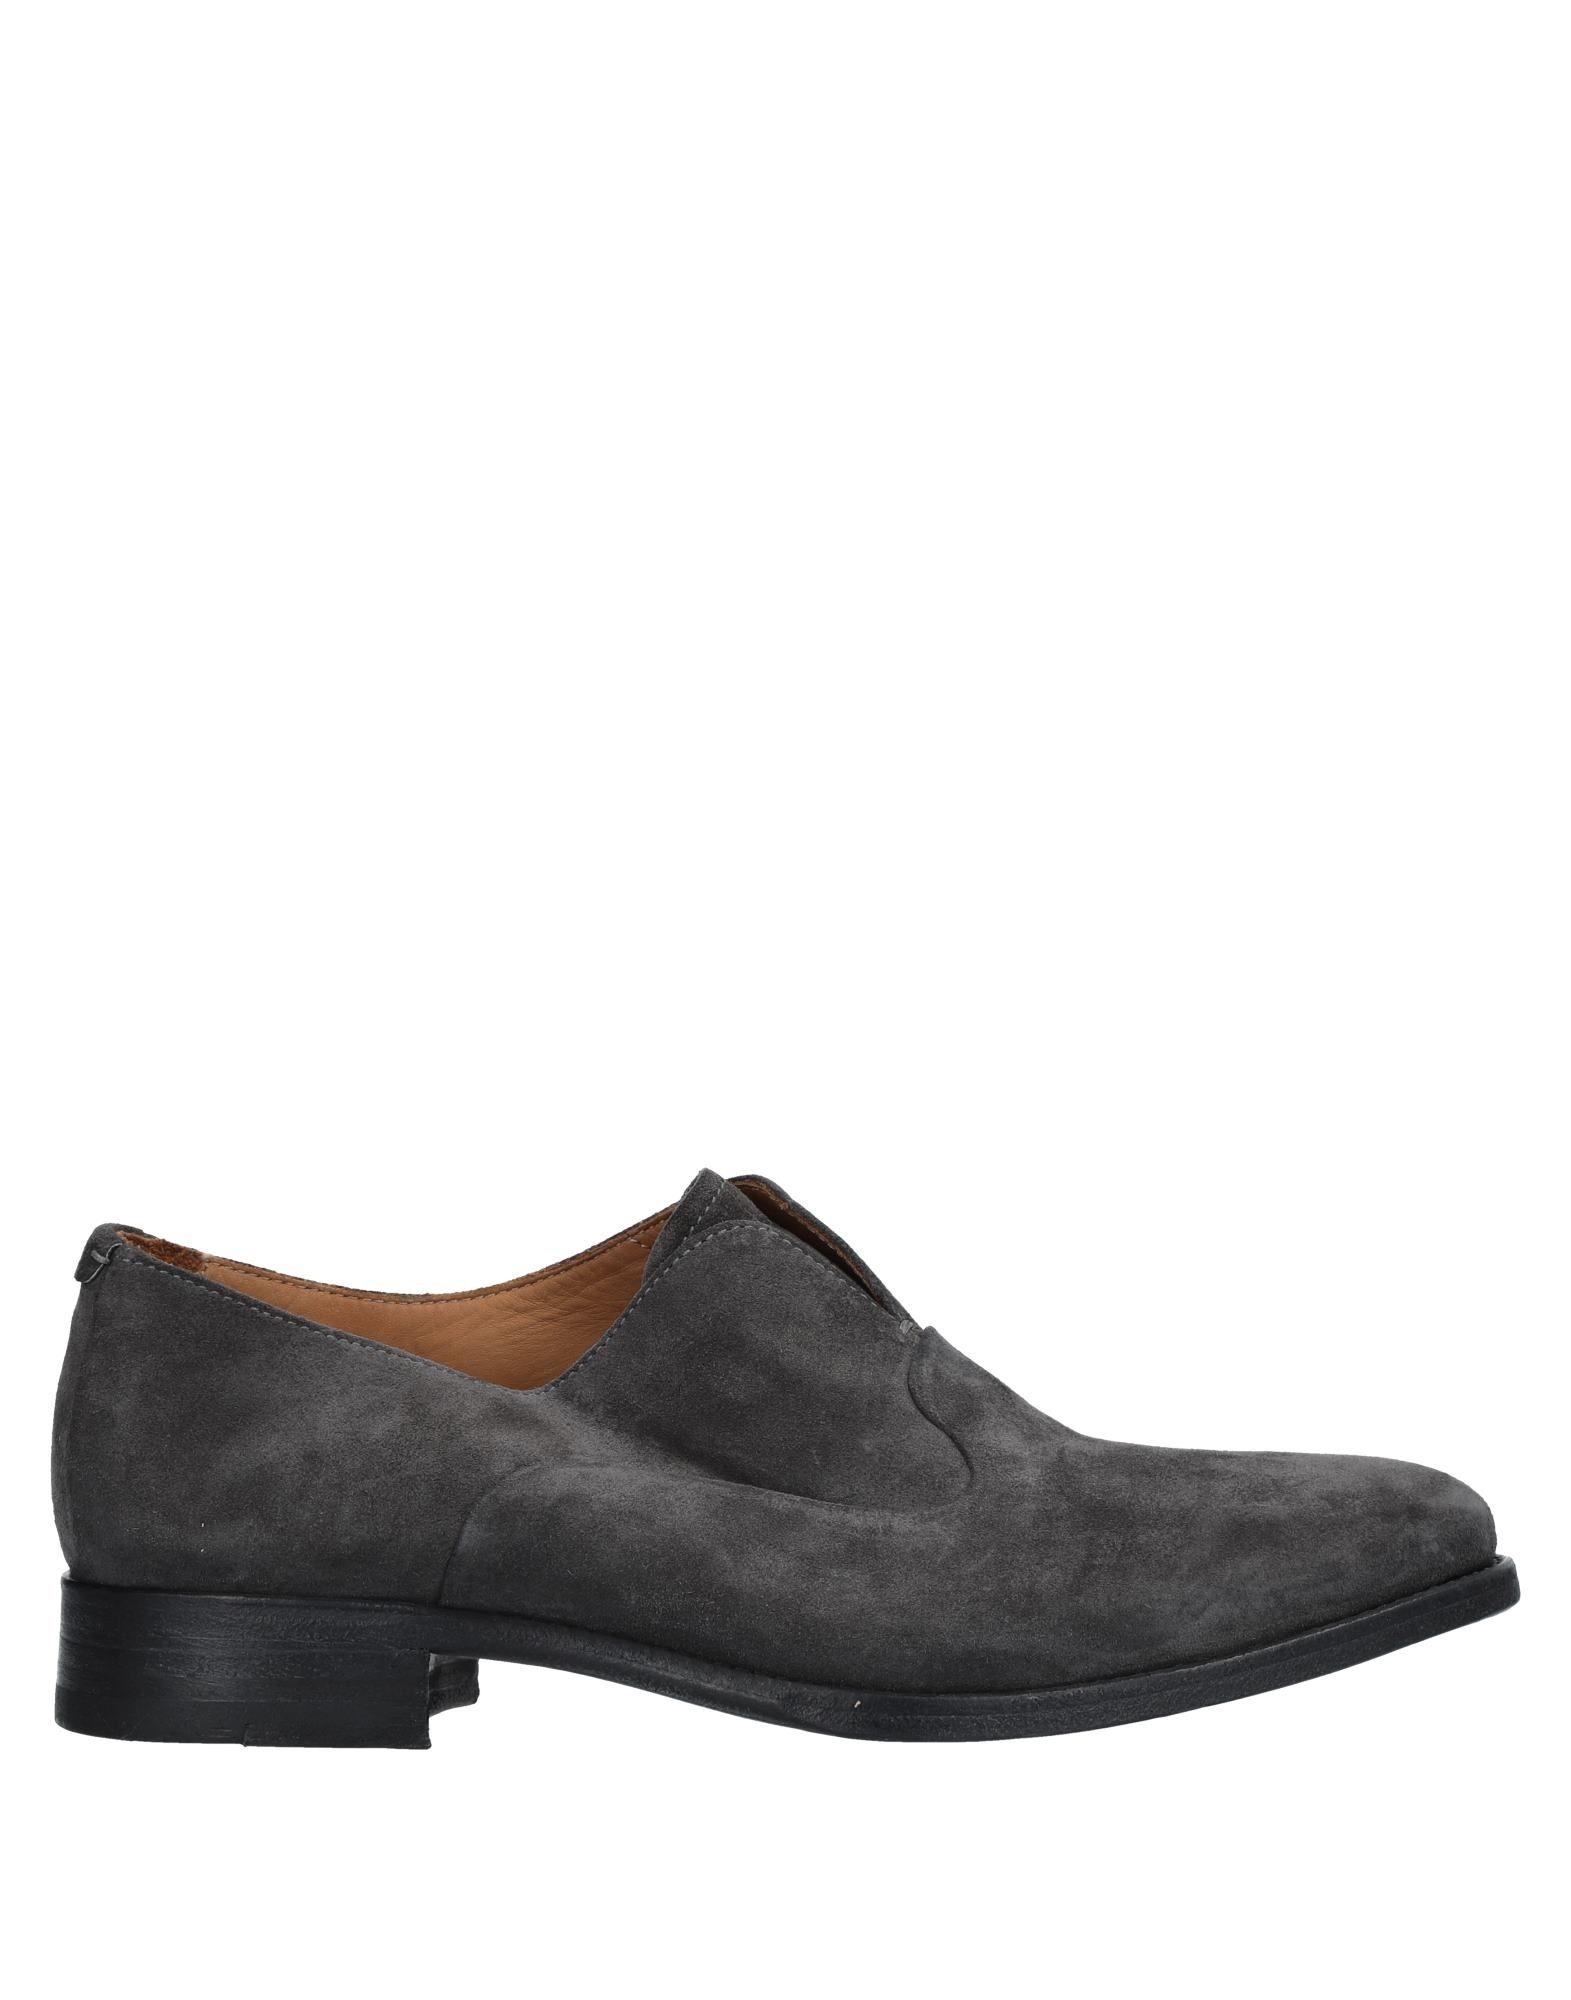 N.D.C. Made By Hand Mokassins Damen  11525999CV Heiße Schuhe